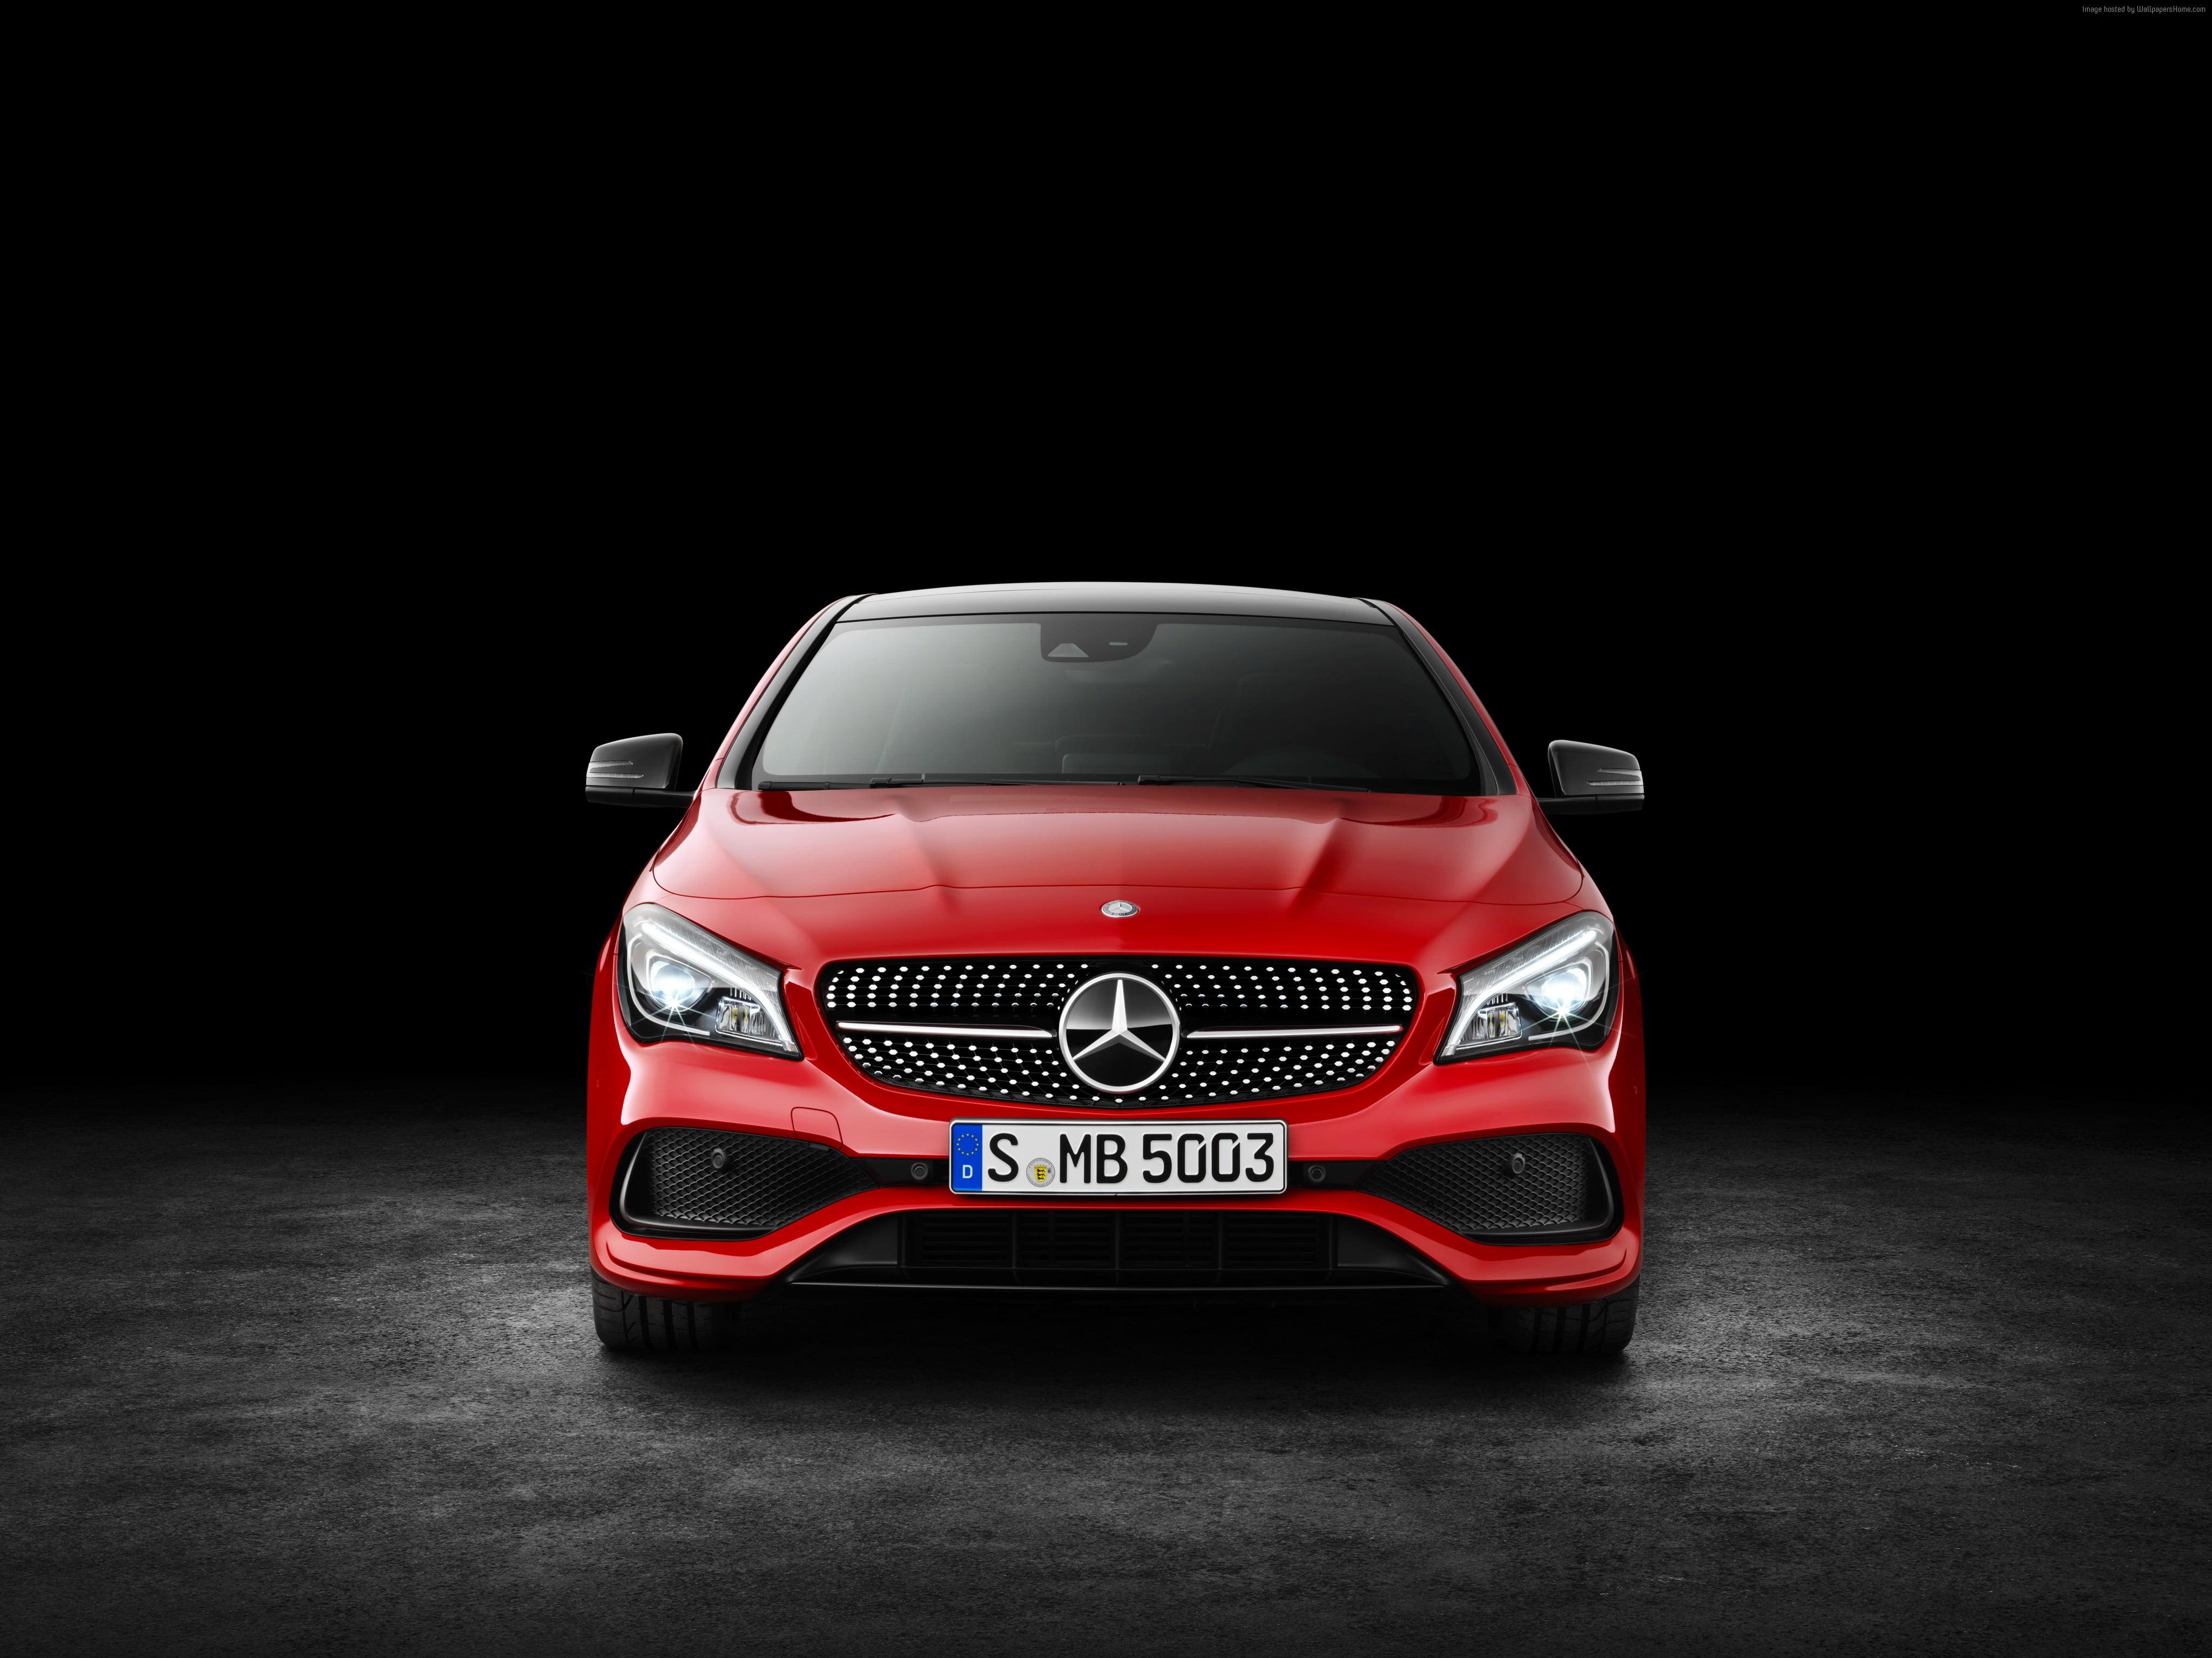 Red Mercedes Benz car HD wallpaper Wallpaper Flare 4096x3070